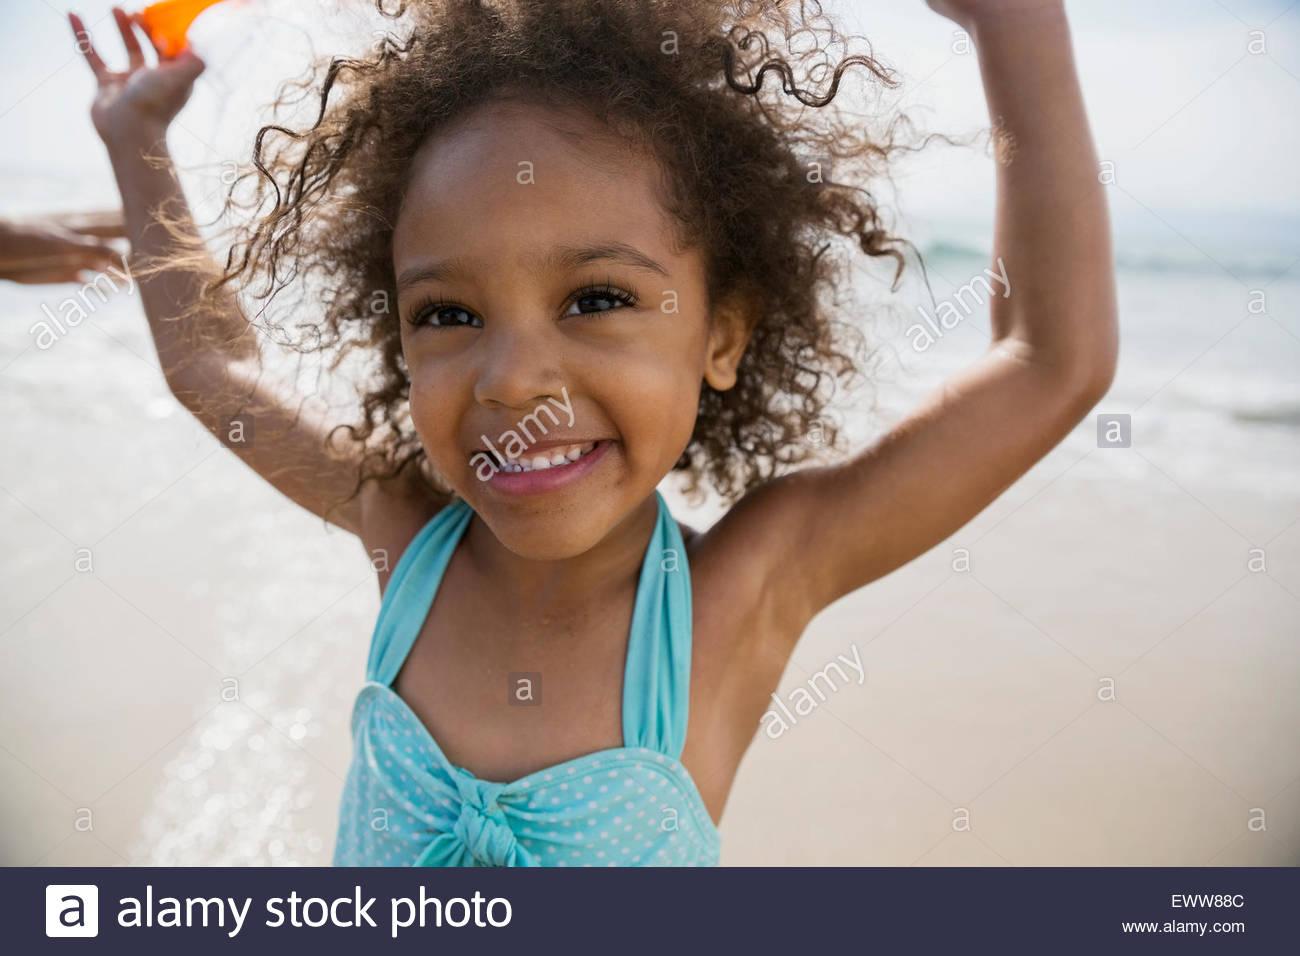 Retrato chica con los brazos levantados en la playa Imagen De Stock